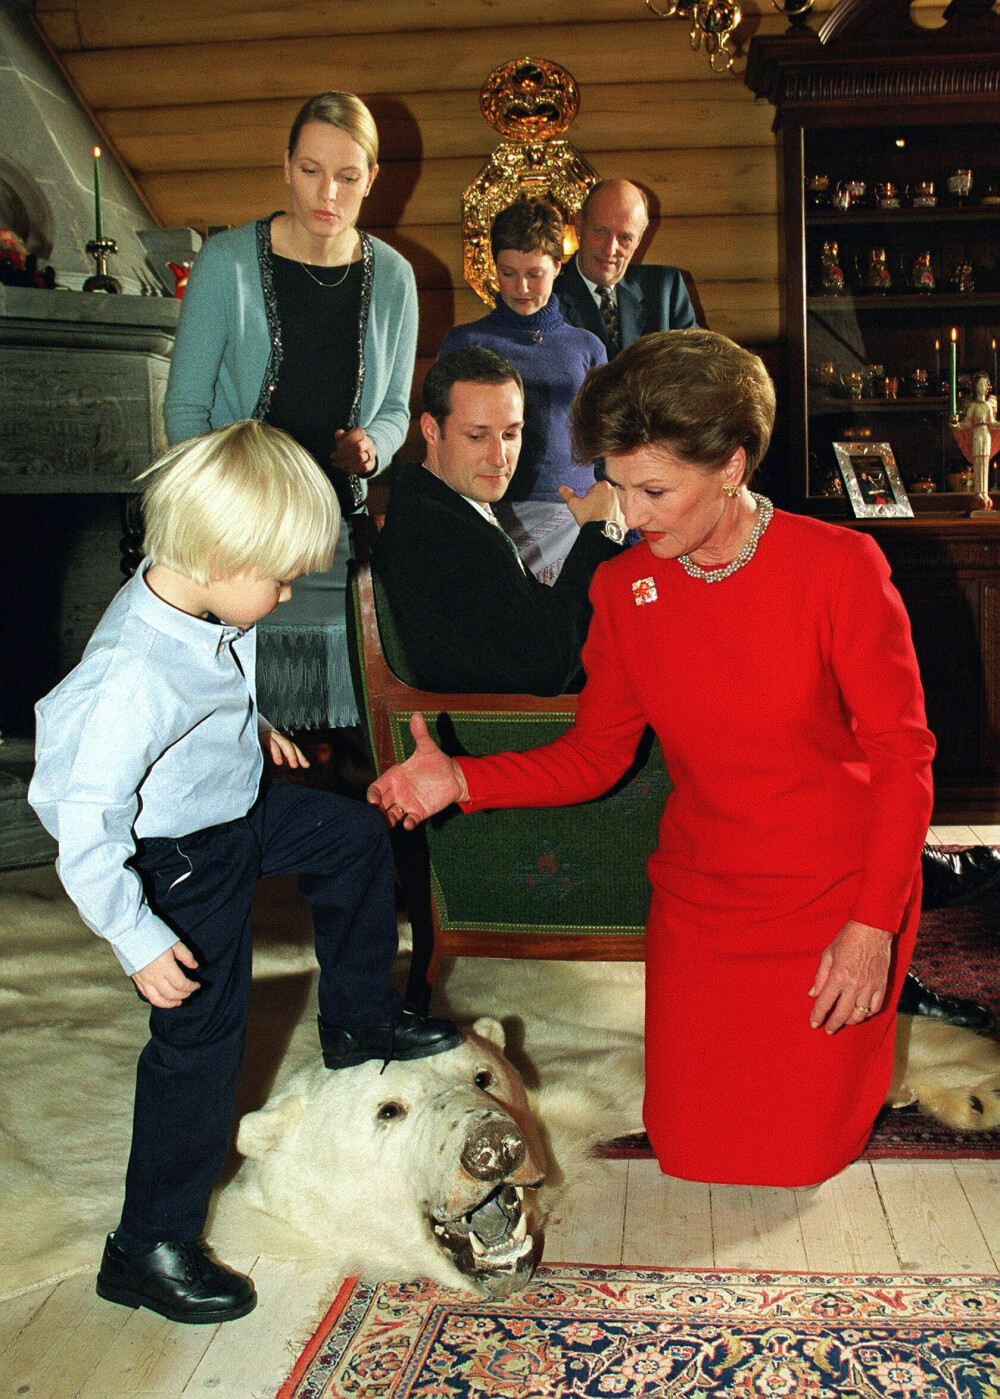 FAMILIEJUL: For første gang var Mette-Marit og Marius med på den offisielle julefotograferingen i 2000. Dronning Sonja gikk ned på kne for å hjelpe bonusbarnebarnet å komme seg opp på isbjørnhodet på gulvet på Kongsseteren.